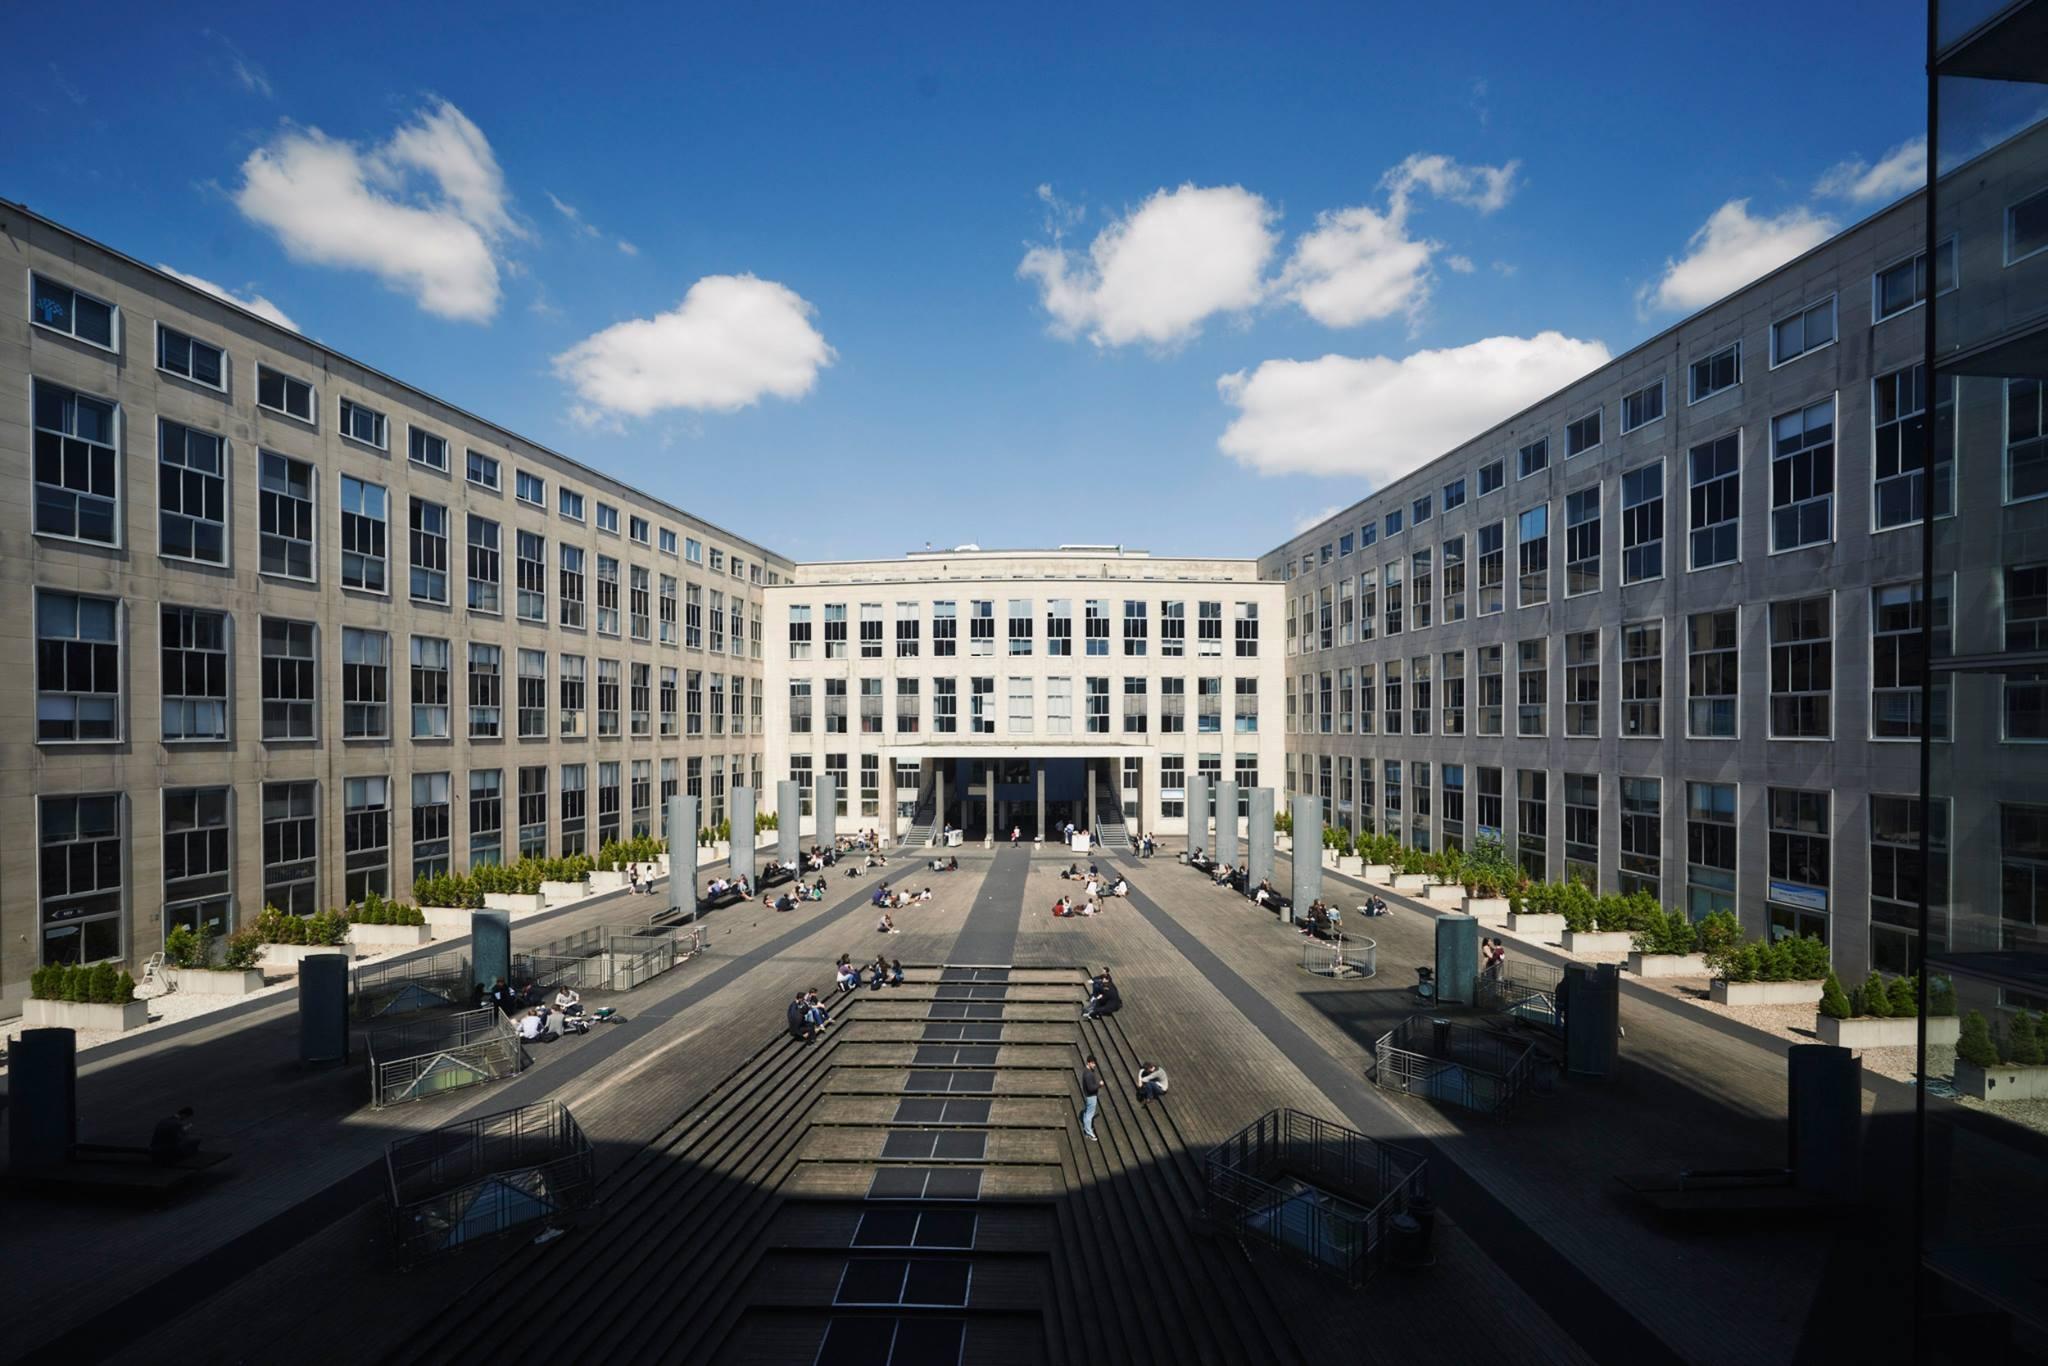 Ix universite paris dauphine - Portes ouvertes paris dauphine ...